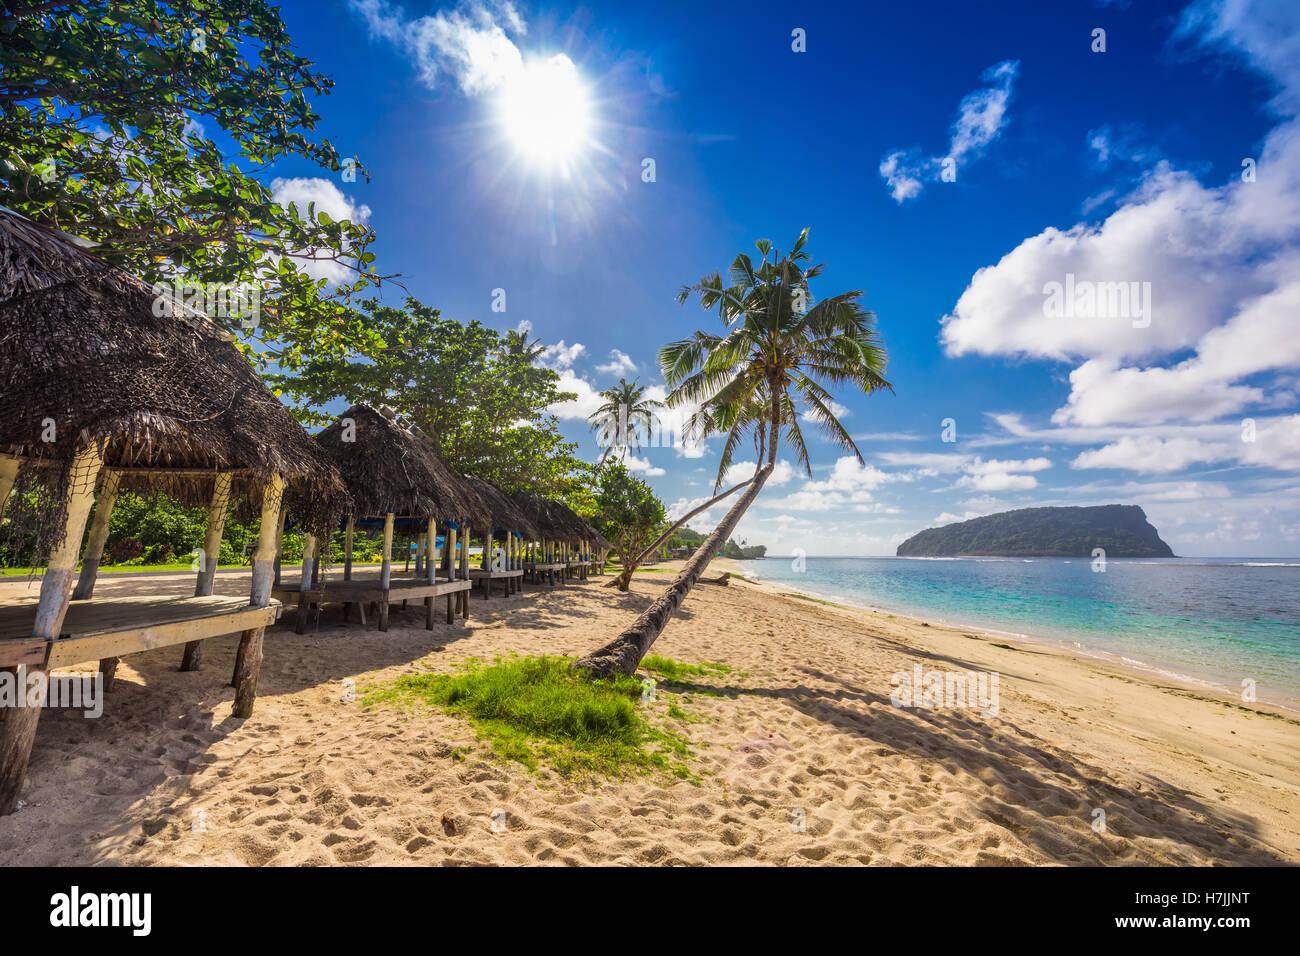 Tropischer Strand mit einer Kokosnuss-Palmen und einem Beach Fales, Samoa-Inseln Stockfoto